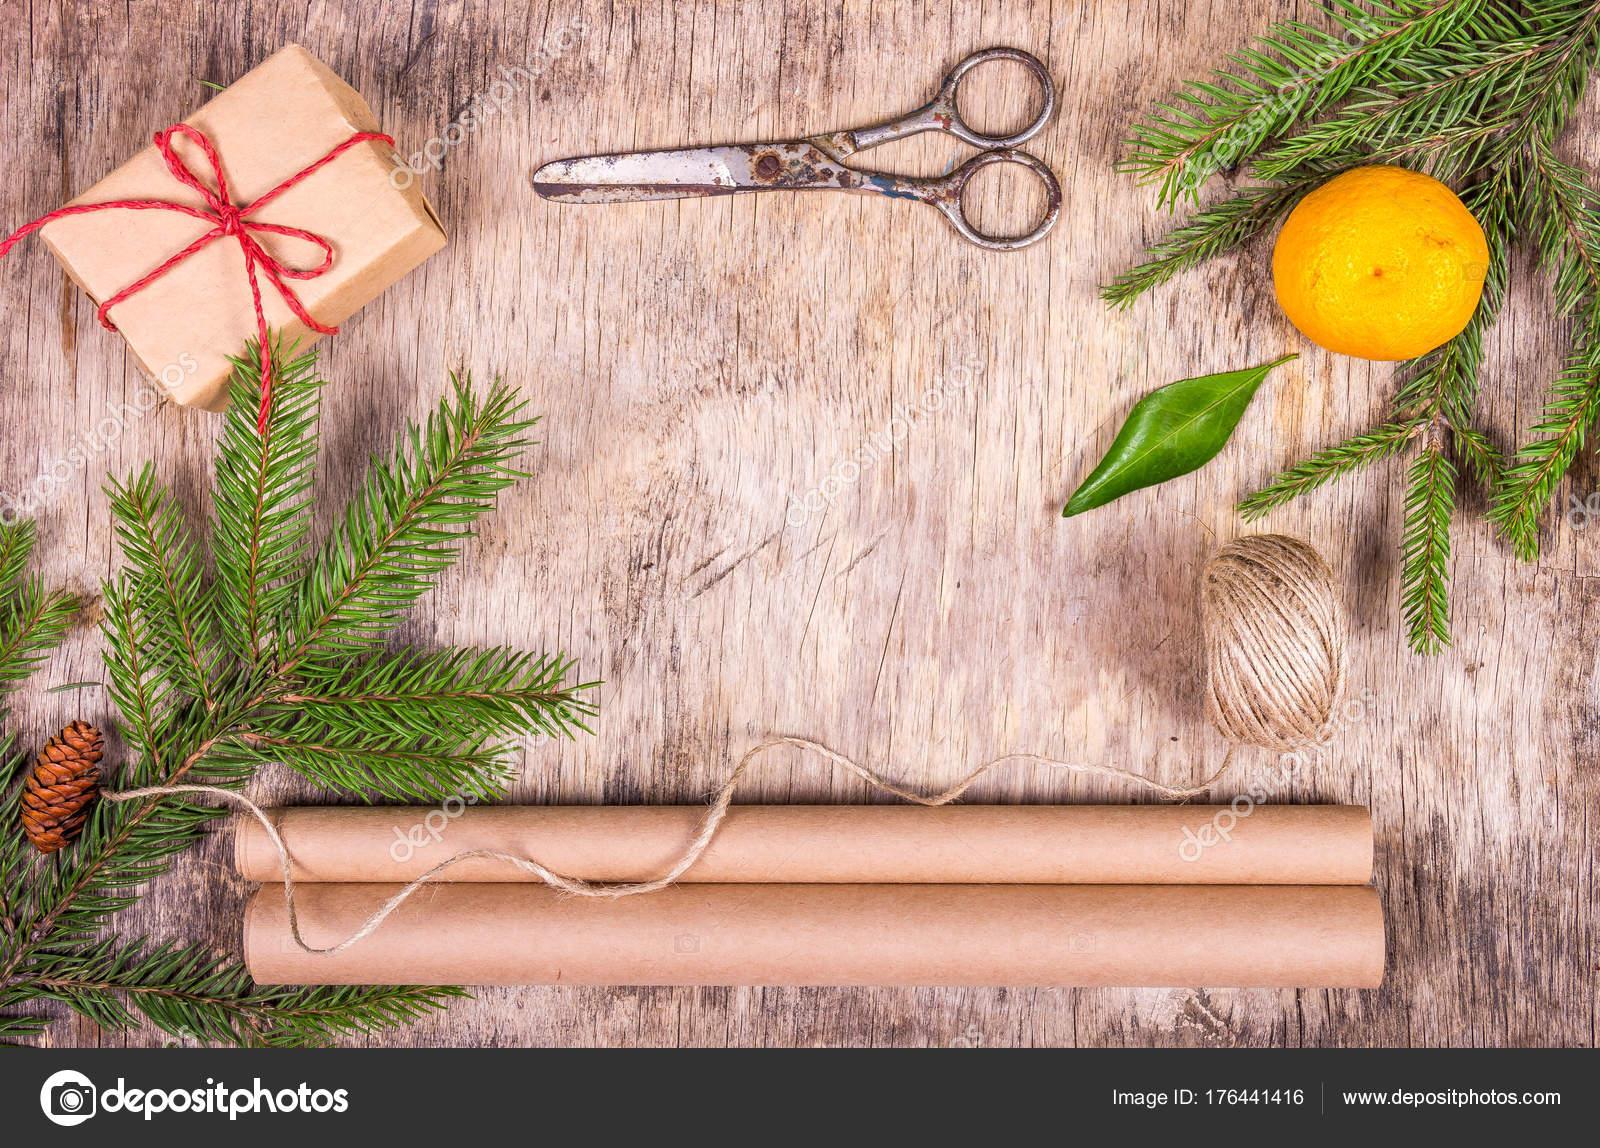 Weihnachtsschmuck Mit Tannenbaum Geschenk Box Packpapier Mandarine ...